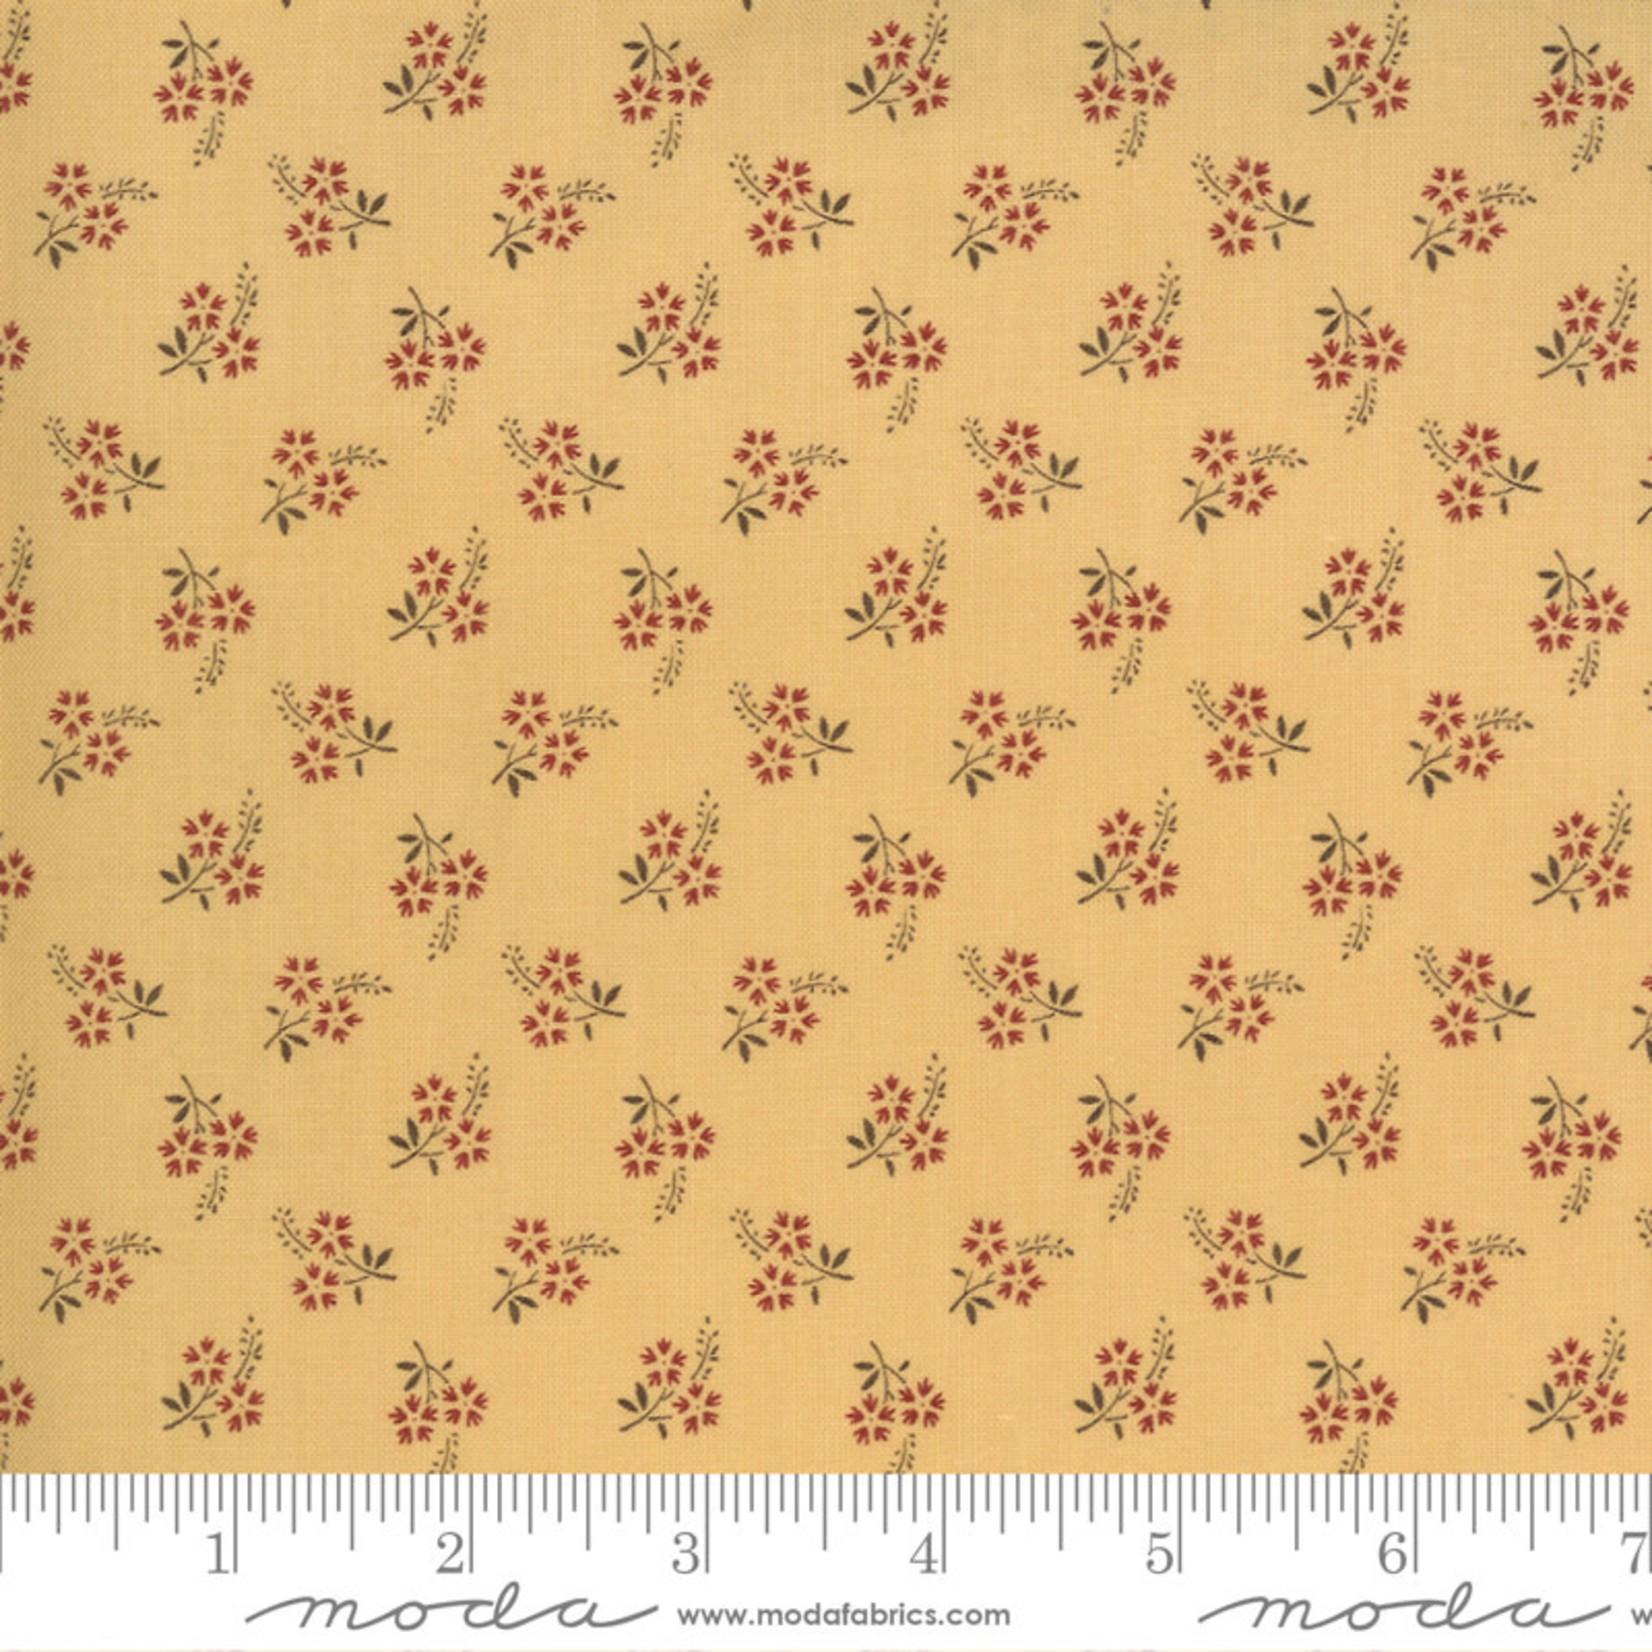 FRENCH GENERAL Jardins De Fleurs, Tuileries, Saffron 13897-16 $0.20 per cm or $20/m